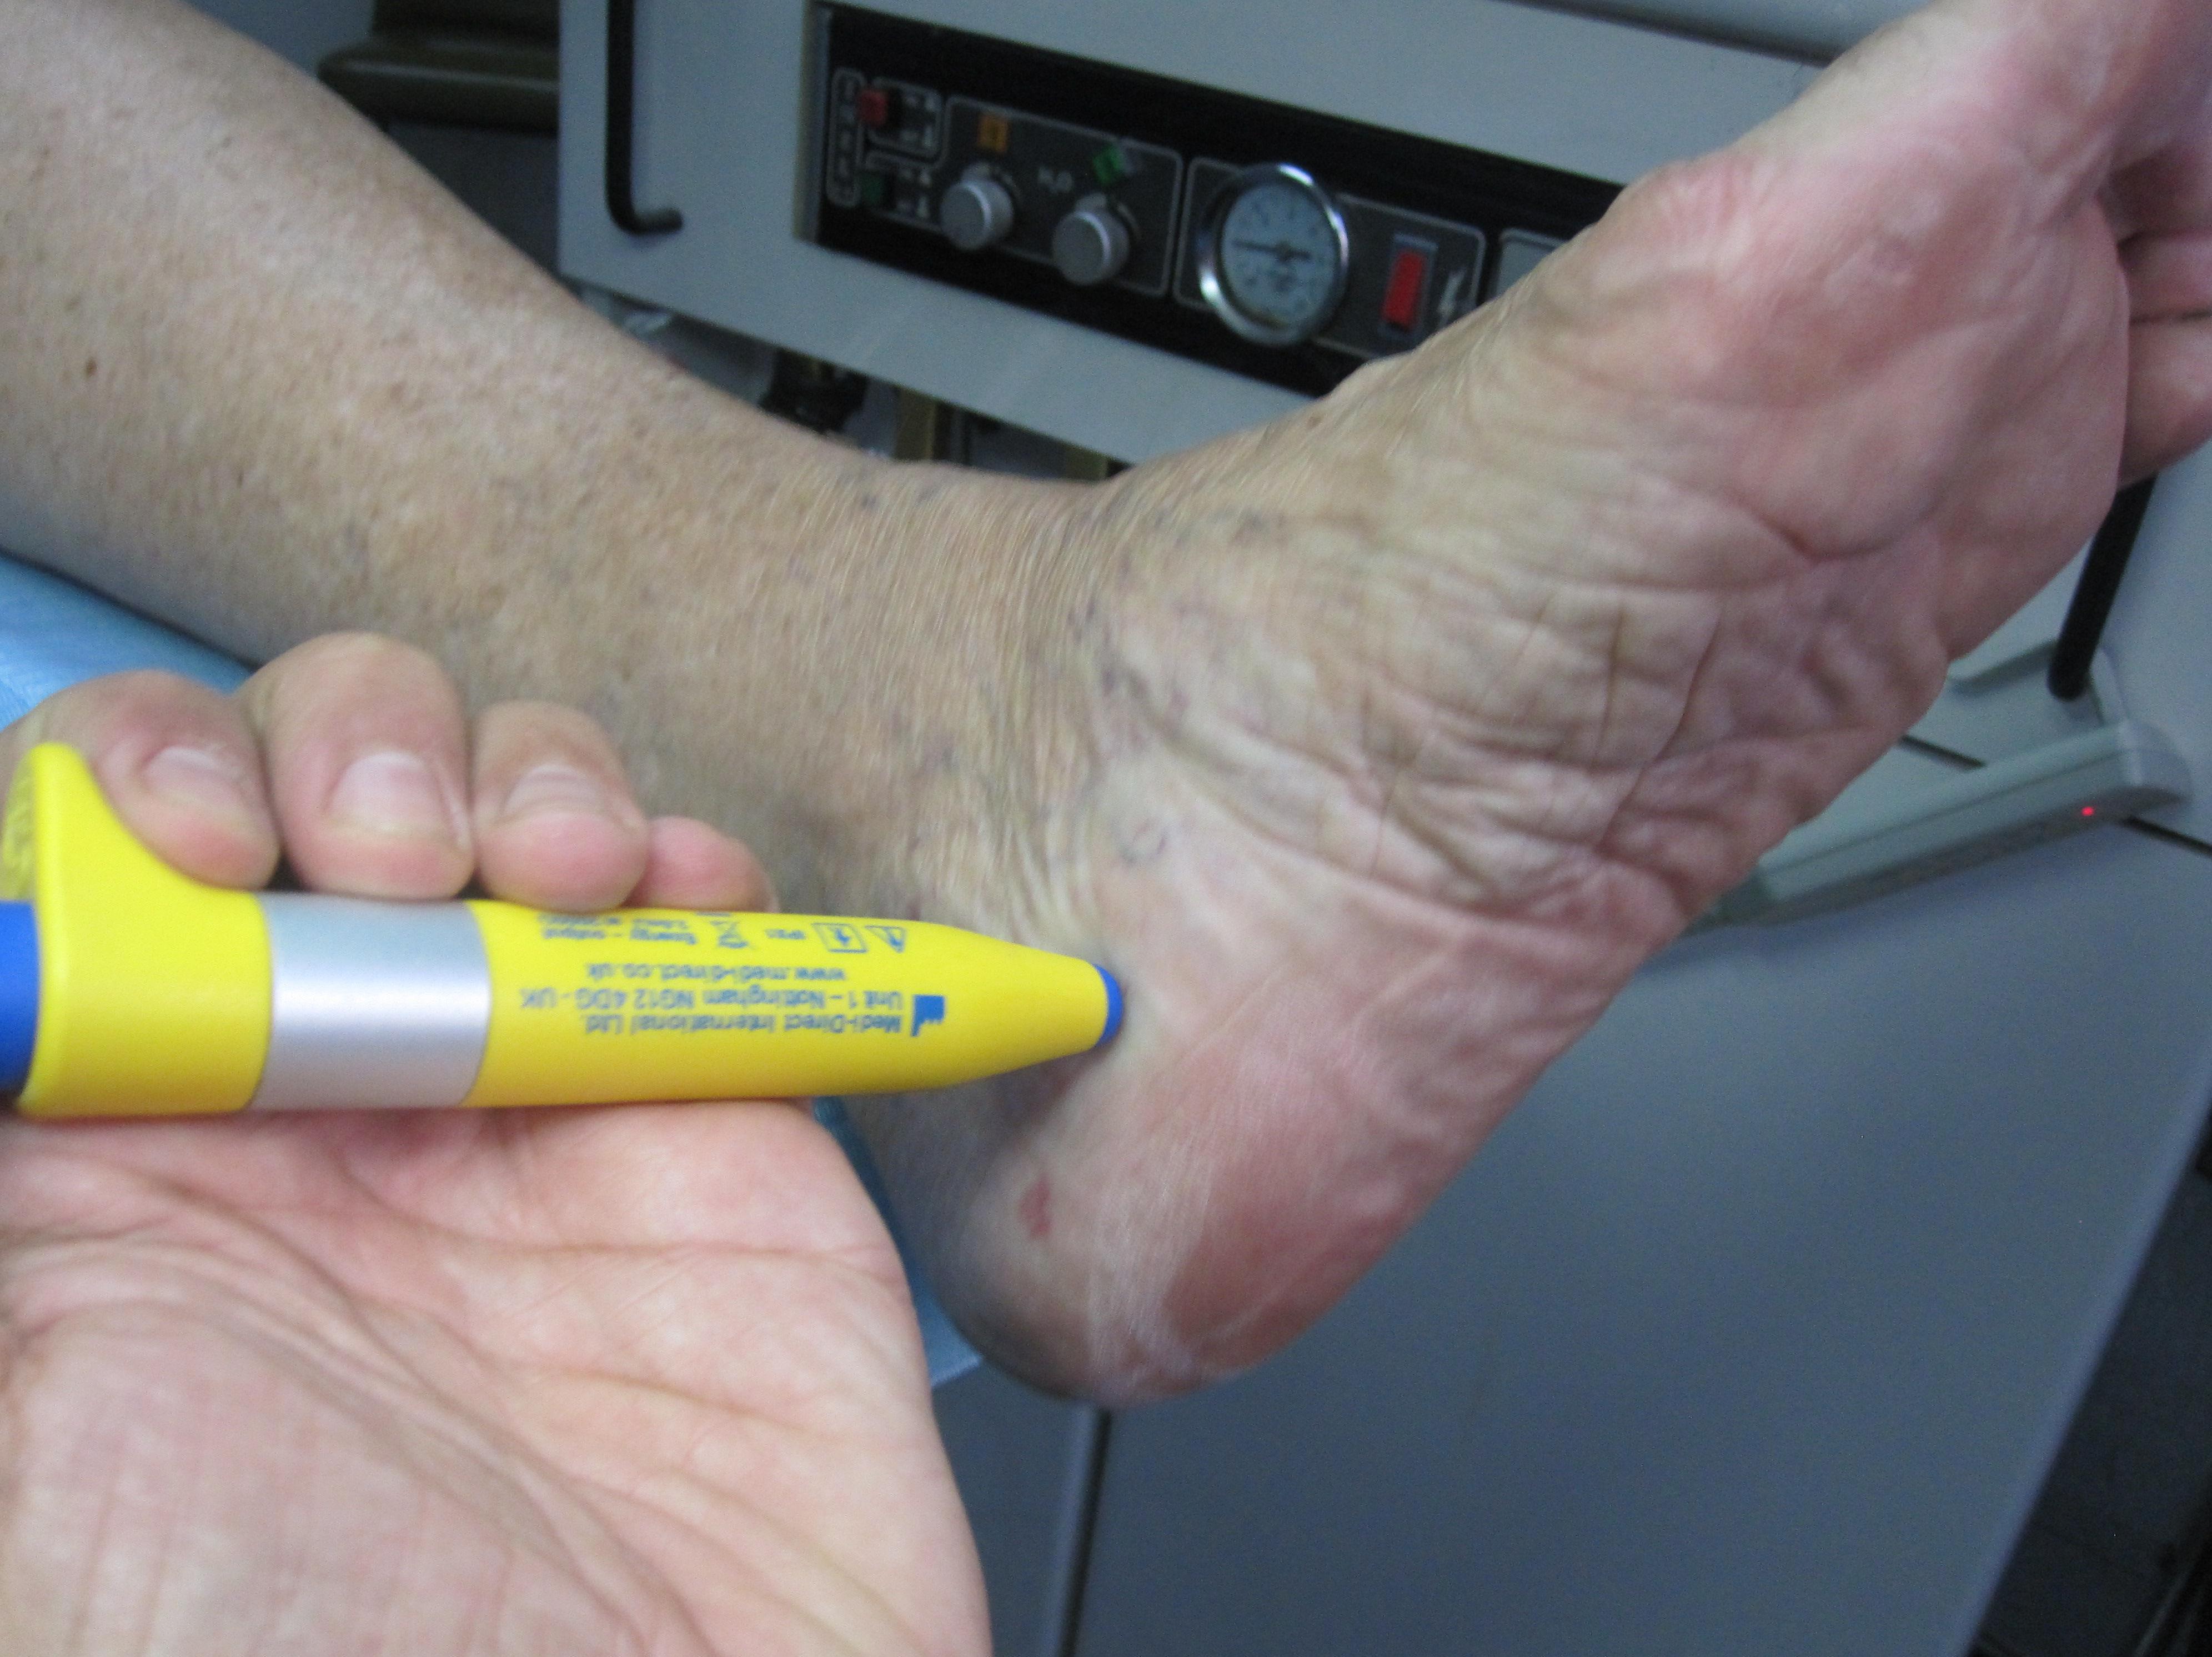 terapeutica electromagnetica para el dolor